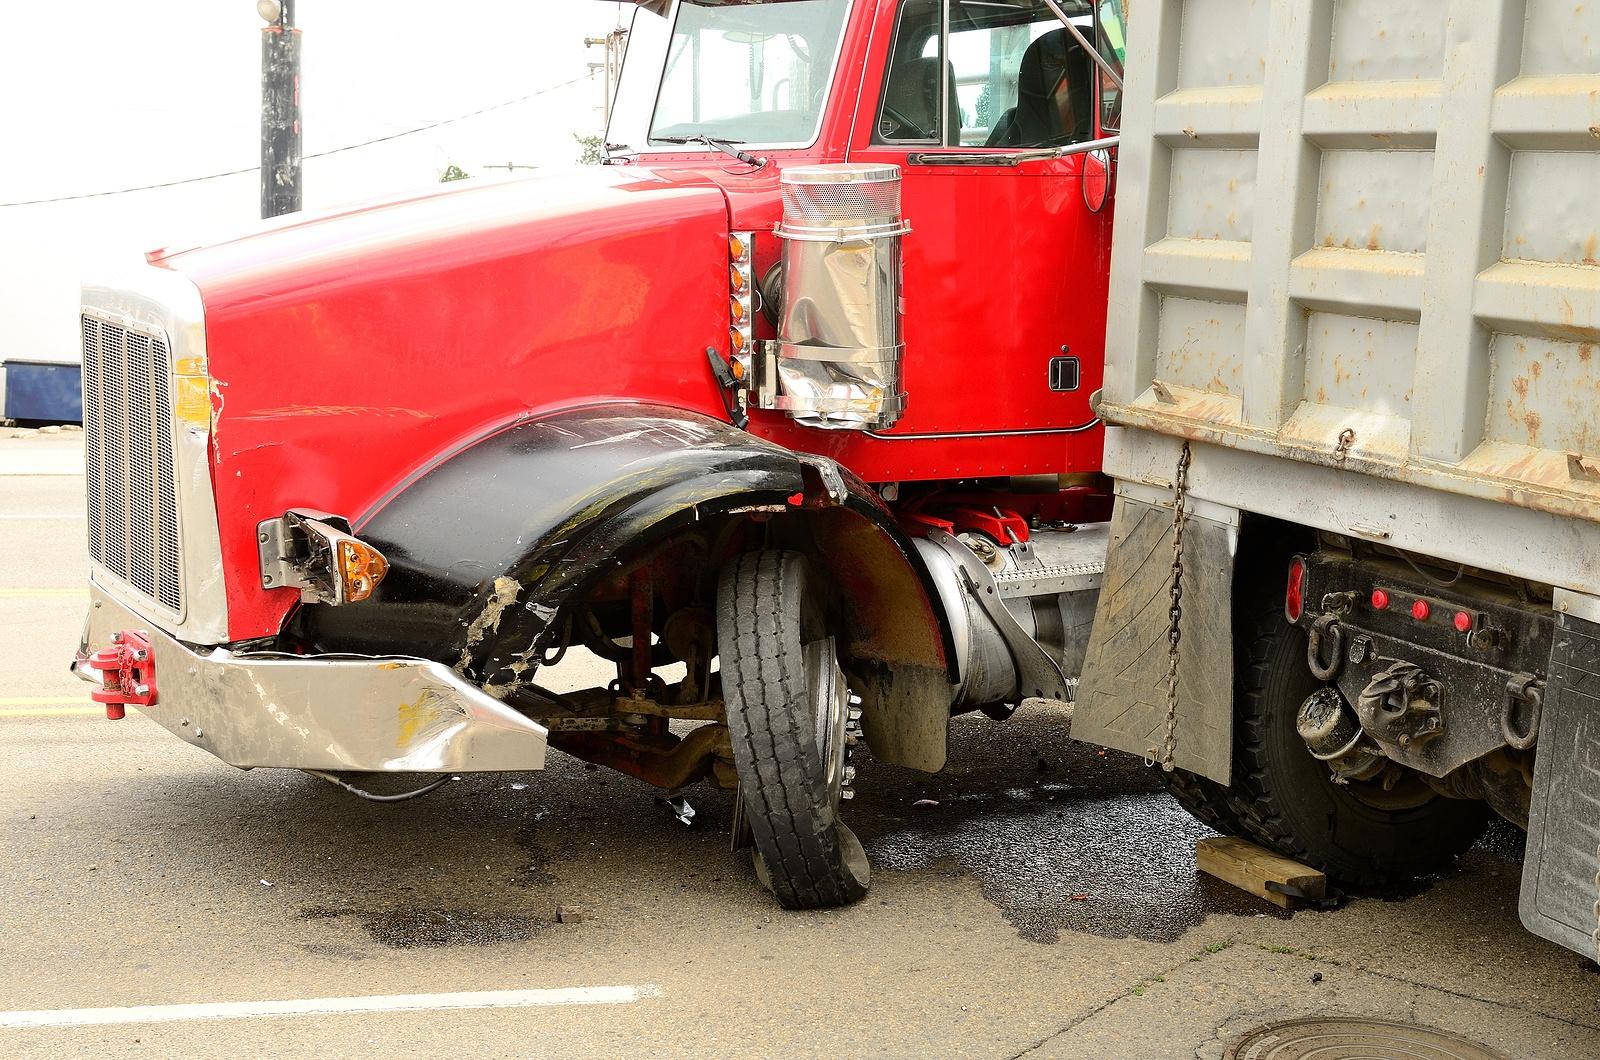 bigstock-Truck-Wreck-79294207.jpg